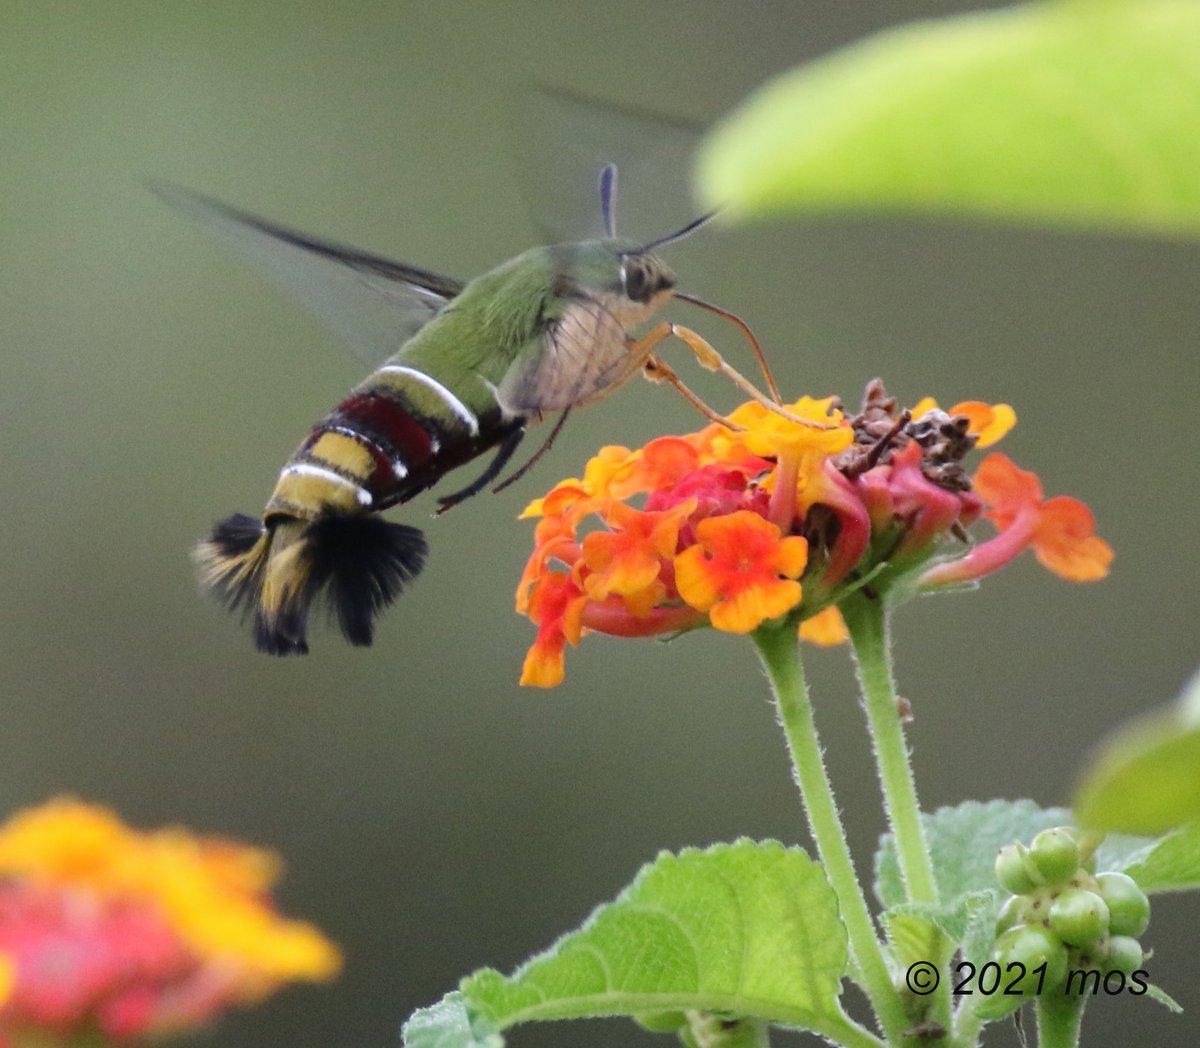 A beautiful, unidentified insect 😍 #nature #NaturePhotography #TwitterNatureCommunity #insect